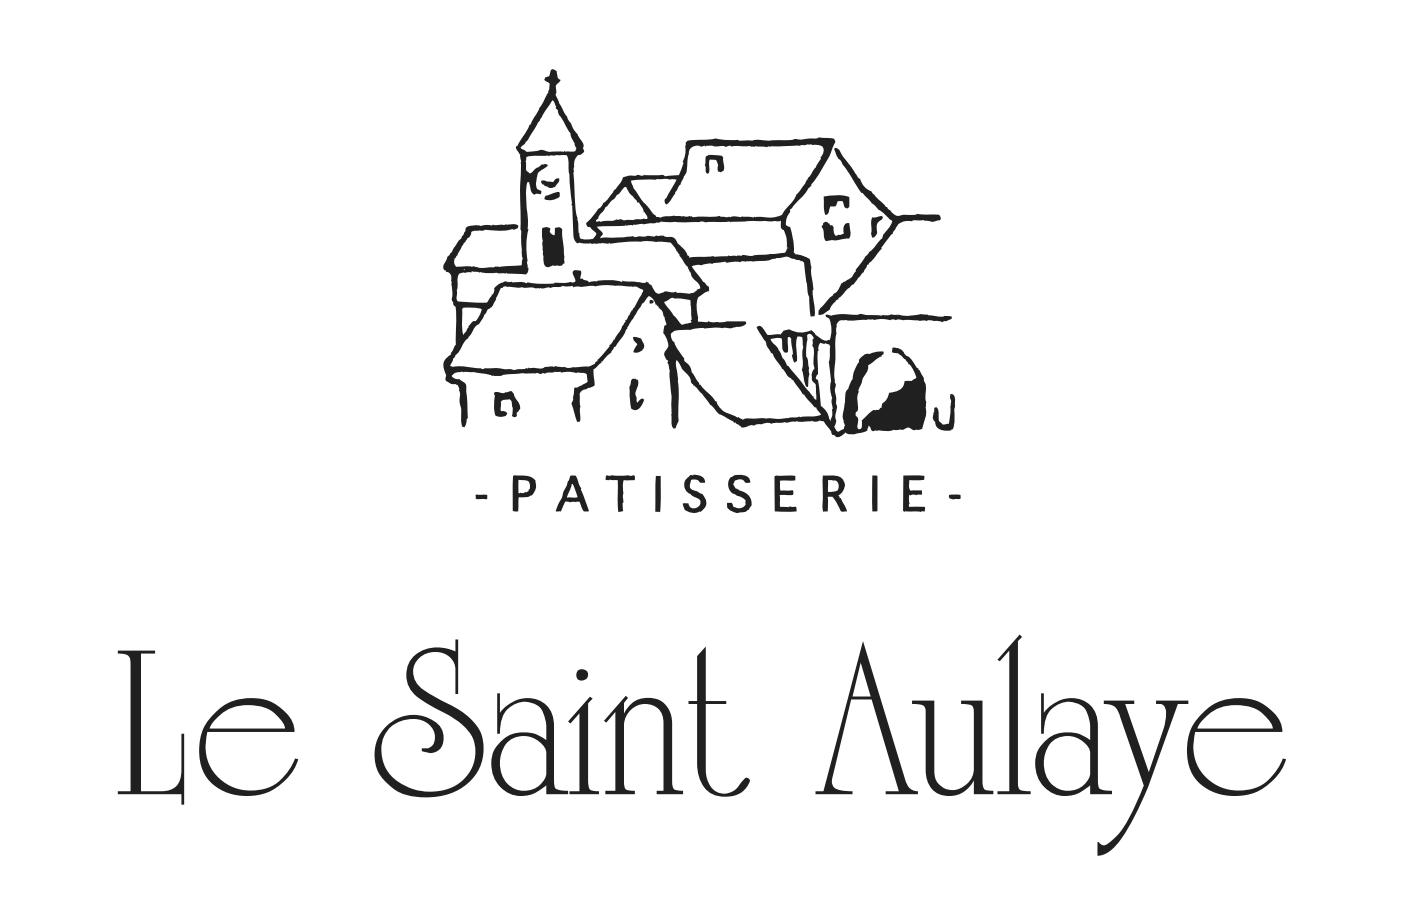 【公式】ルサントーレ Le Saint Aulaye|筑紫野市 久留米市 ケーキ屋